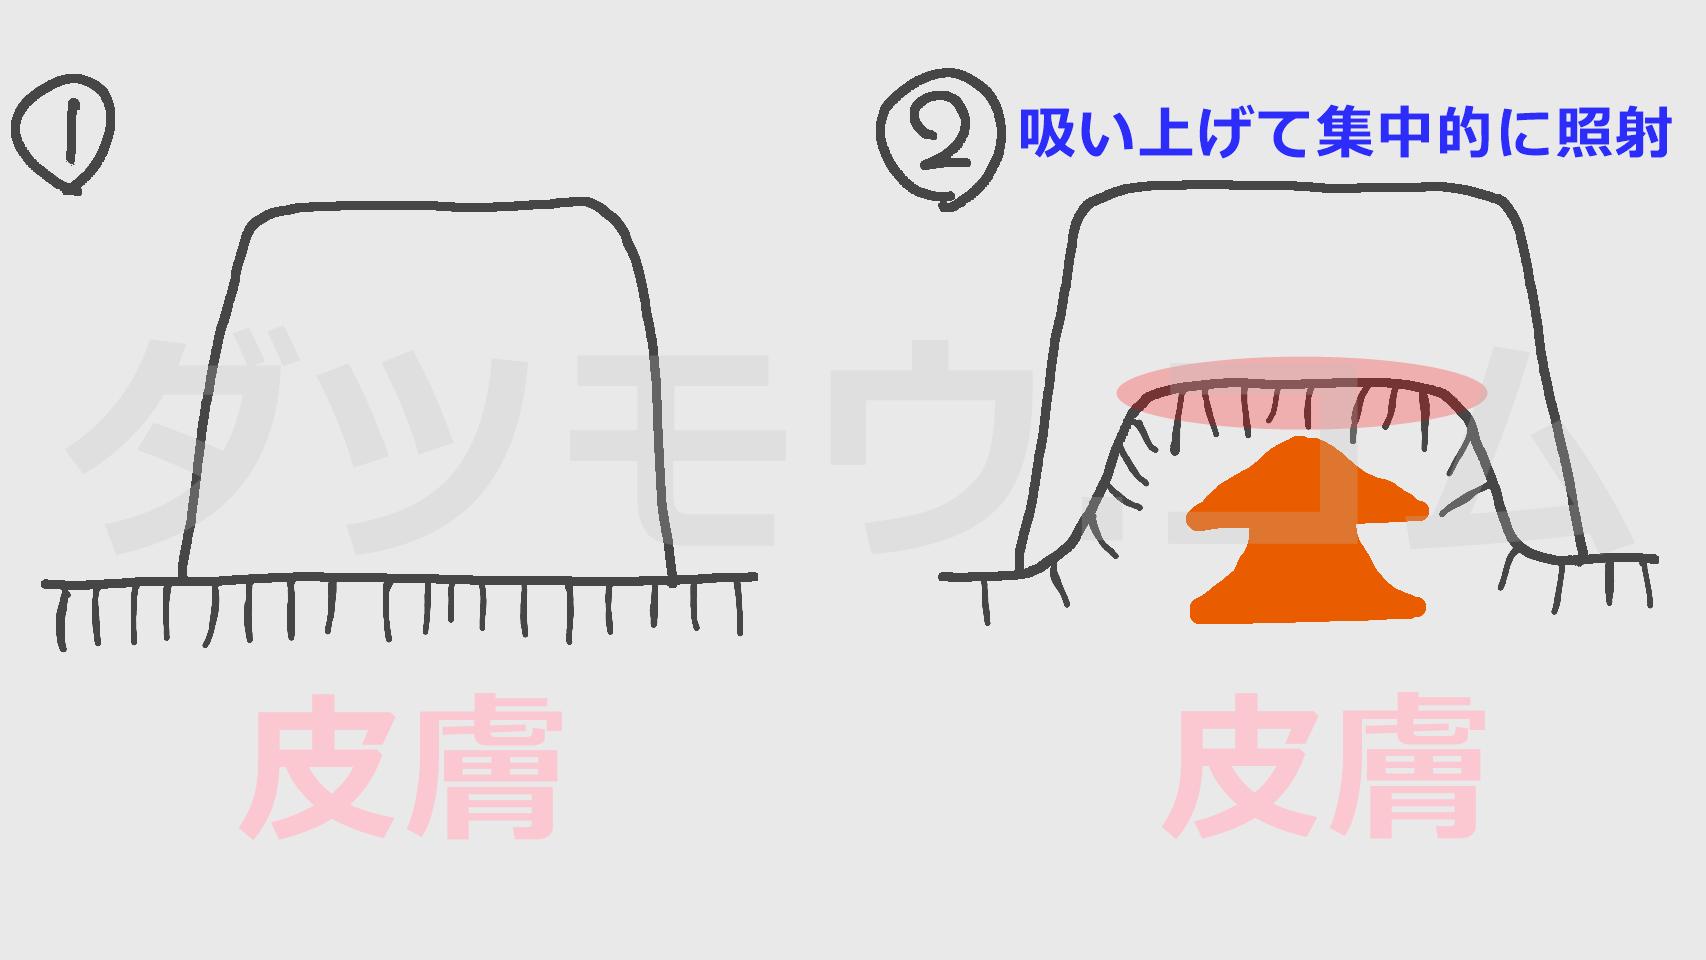 ライトシェアデュエットの構造